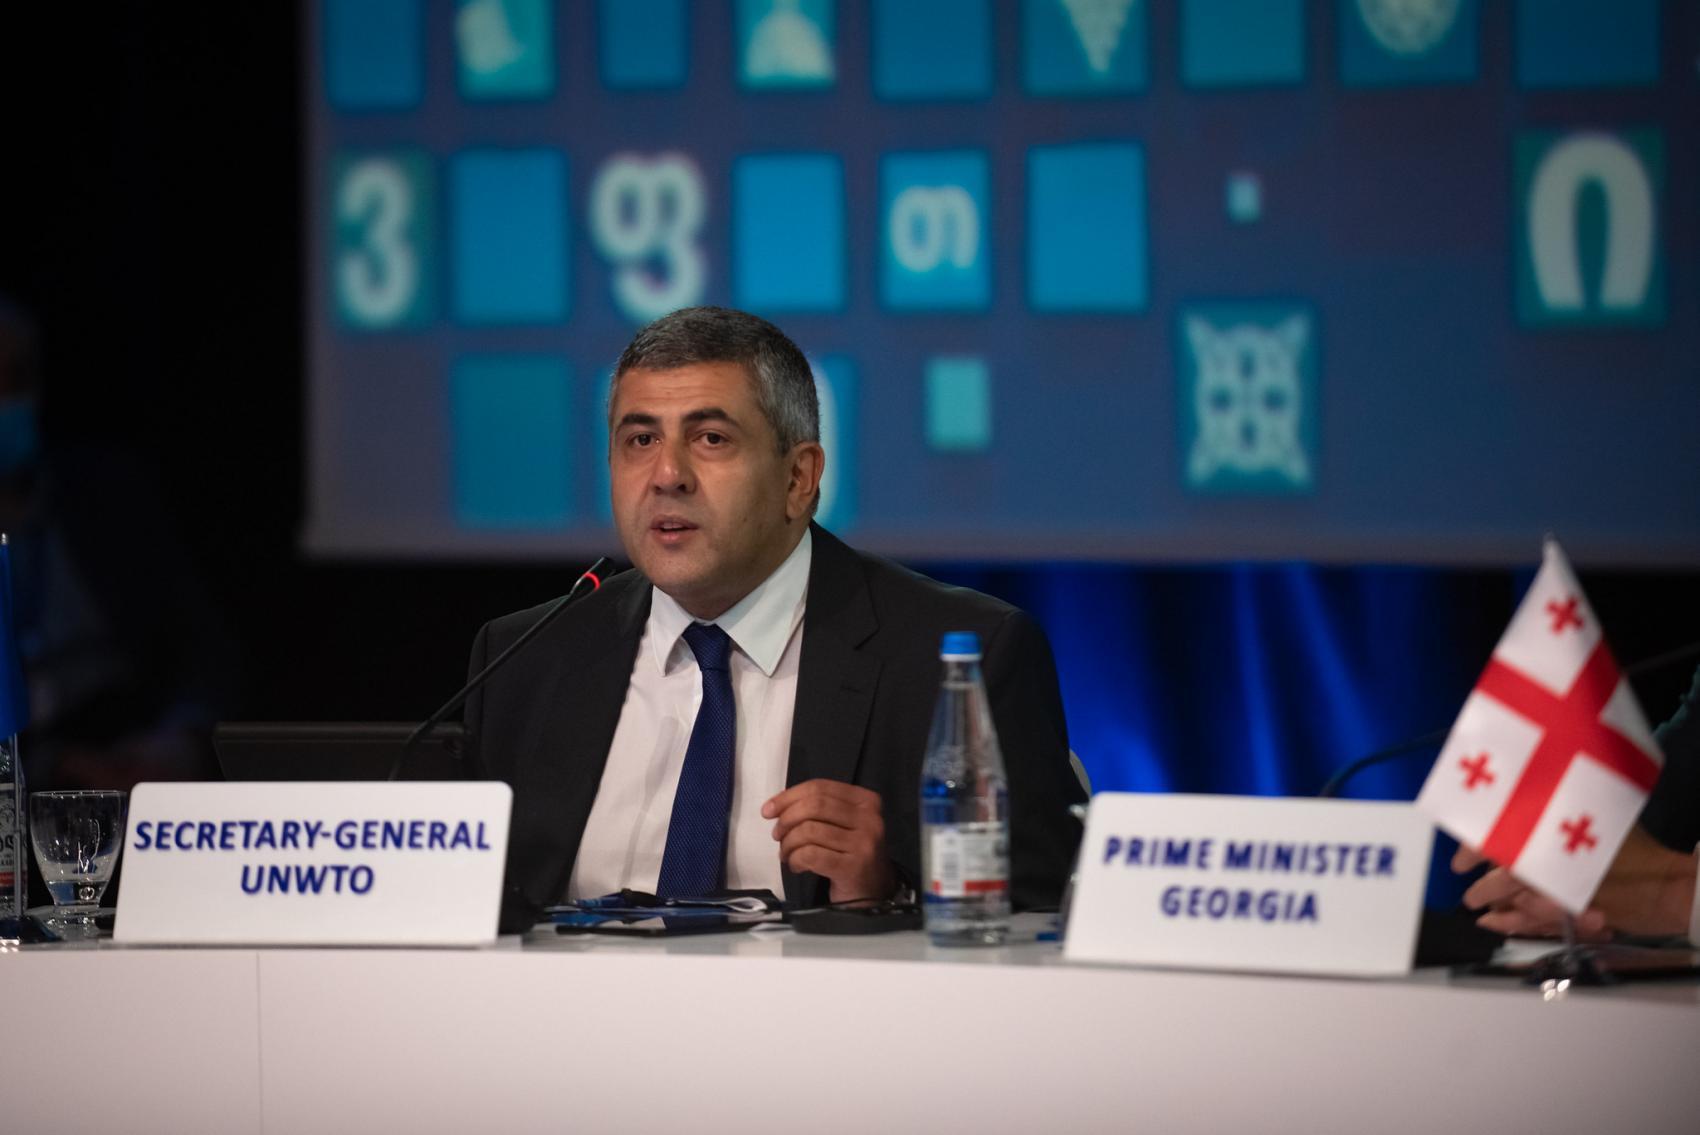 El Secretario General Pololikashvili elegido para dirigir la OMT durante cuatro años más